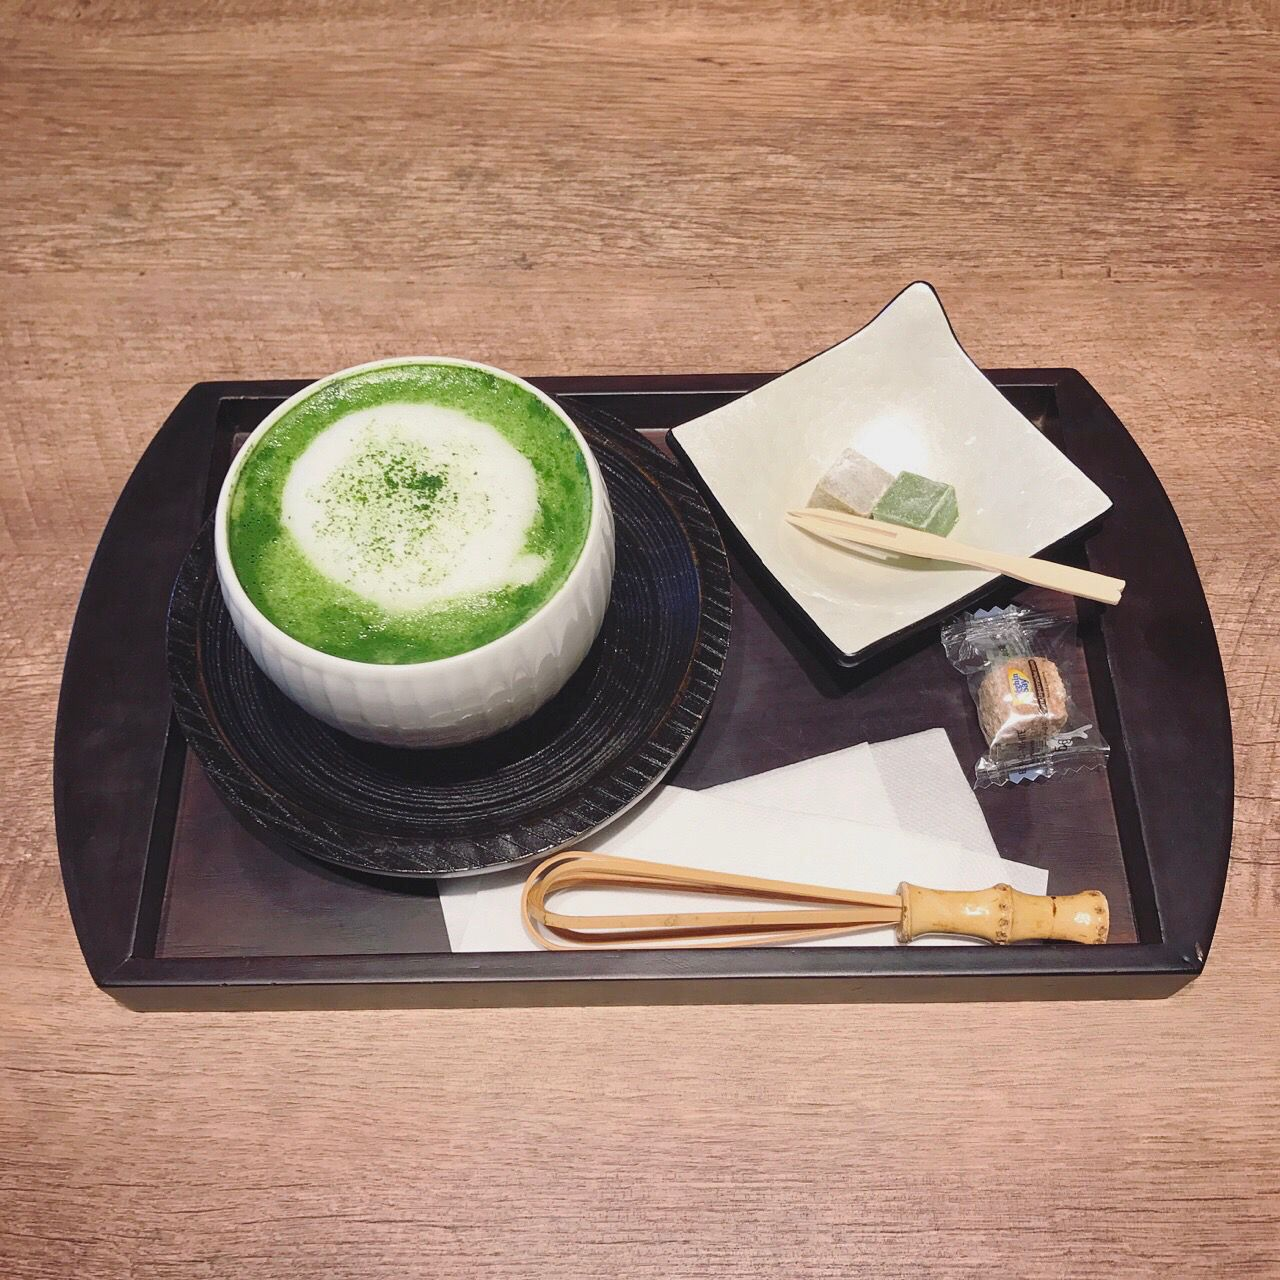 【表参道】様々な和を楽しめる隠れ家カフェ「 宇治園 裏参道ガーデン」が気になる!